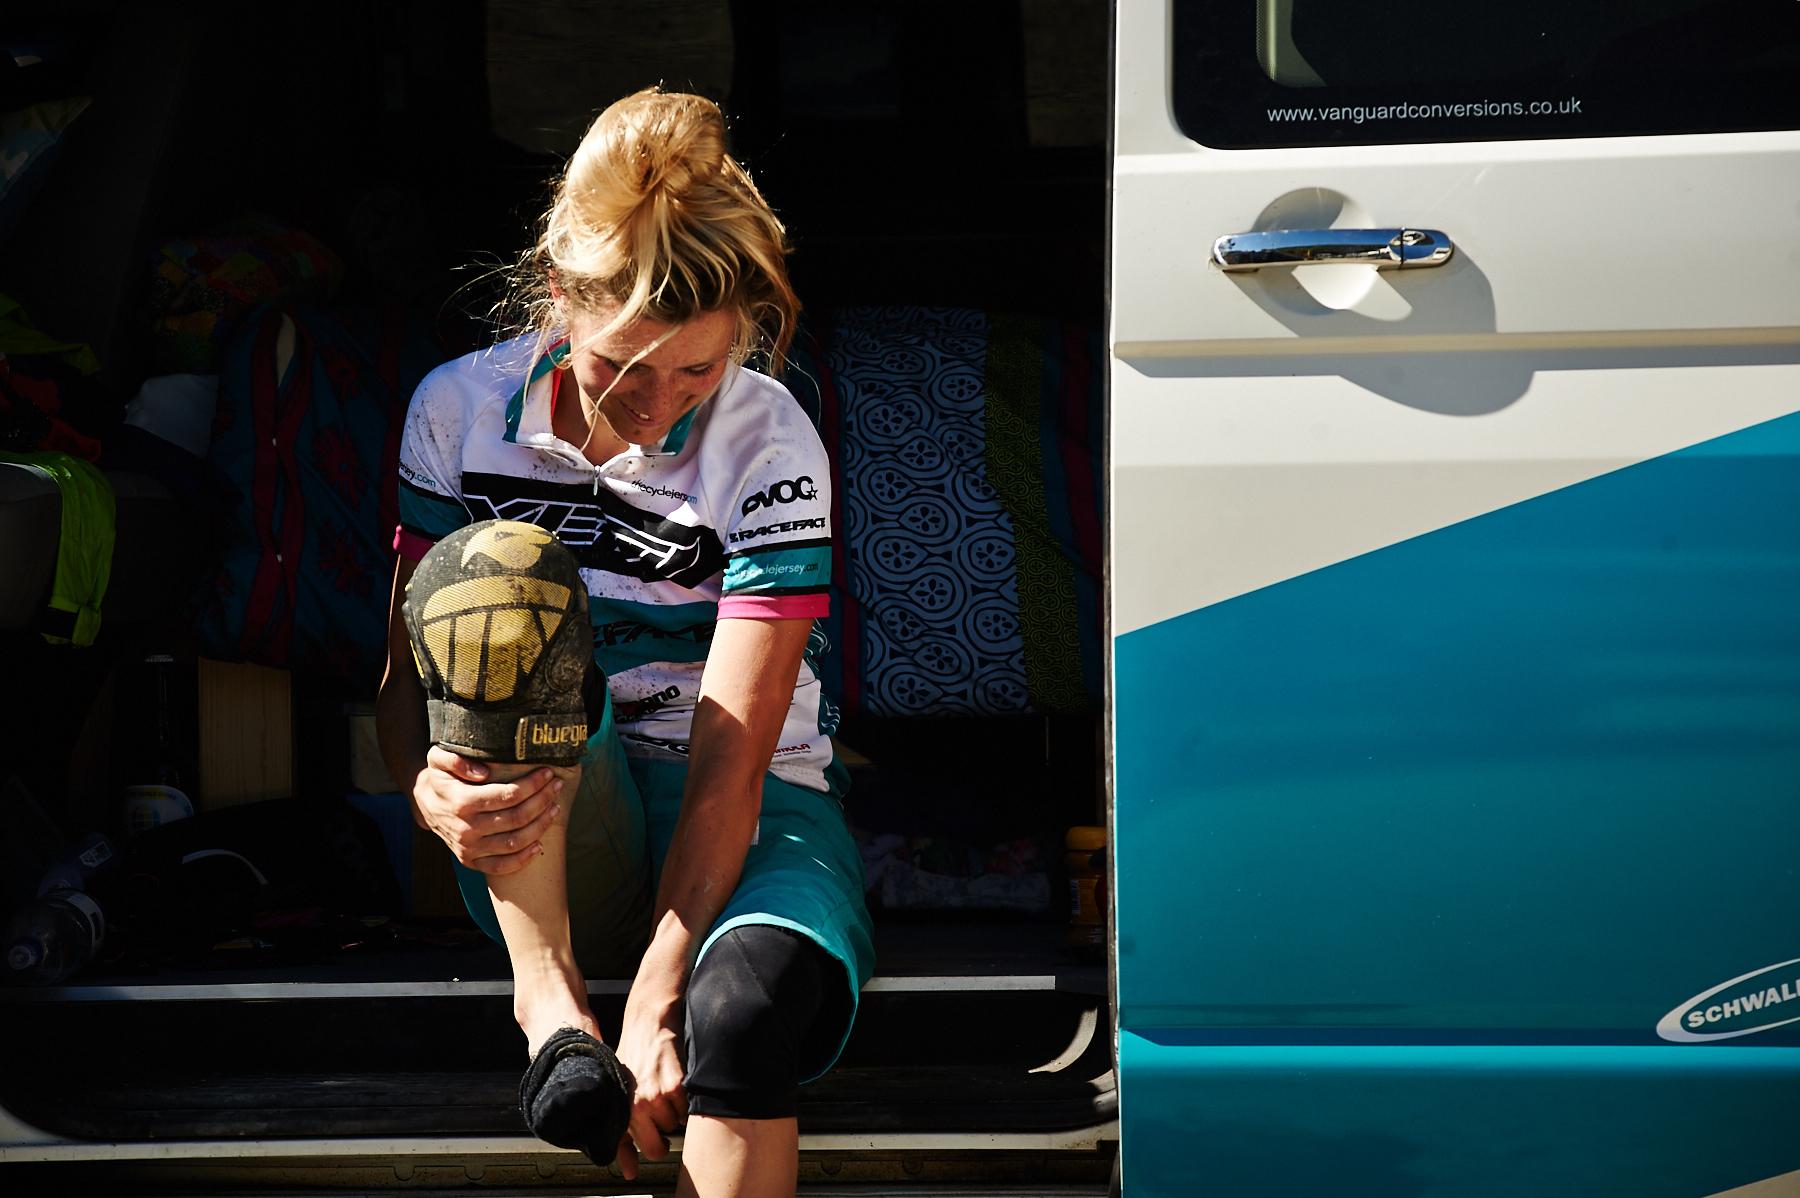 Nach dem langen Tag auf dem Bike ist Hannah Barnes sichtlich glücklich die schmutzigen Klamotten erstmal loszuwerden.